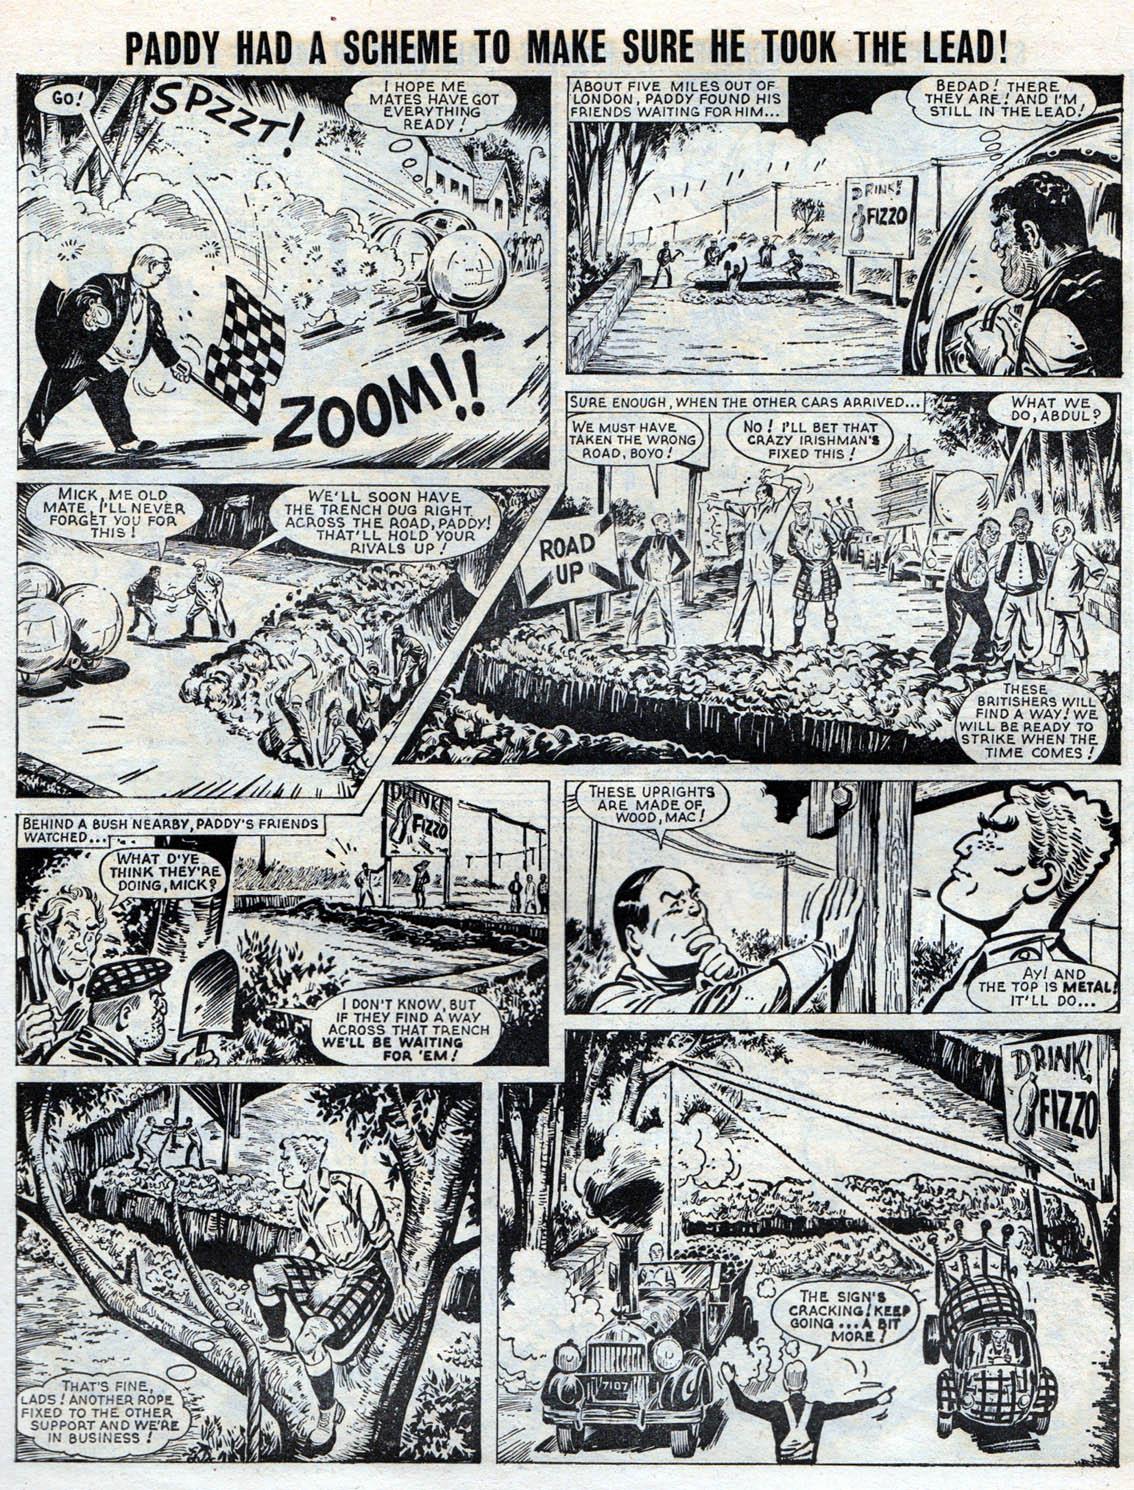 Val Doonican - The Very Best Of Val Doonican